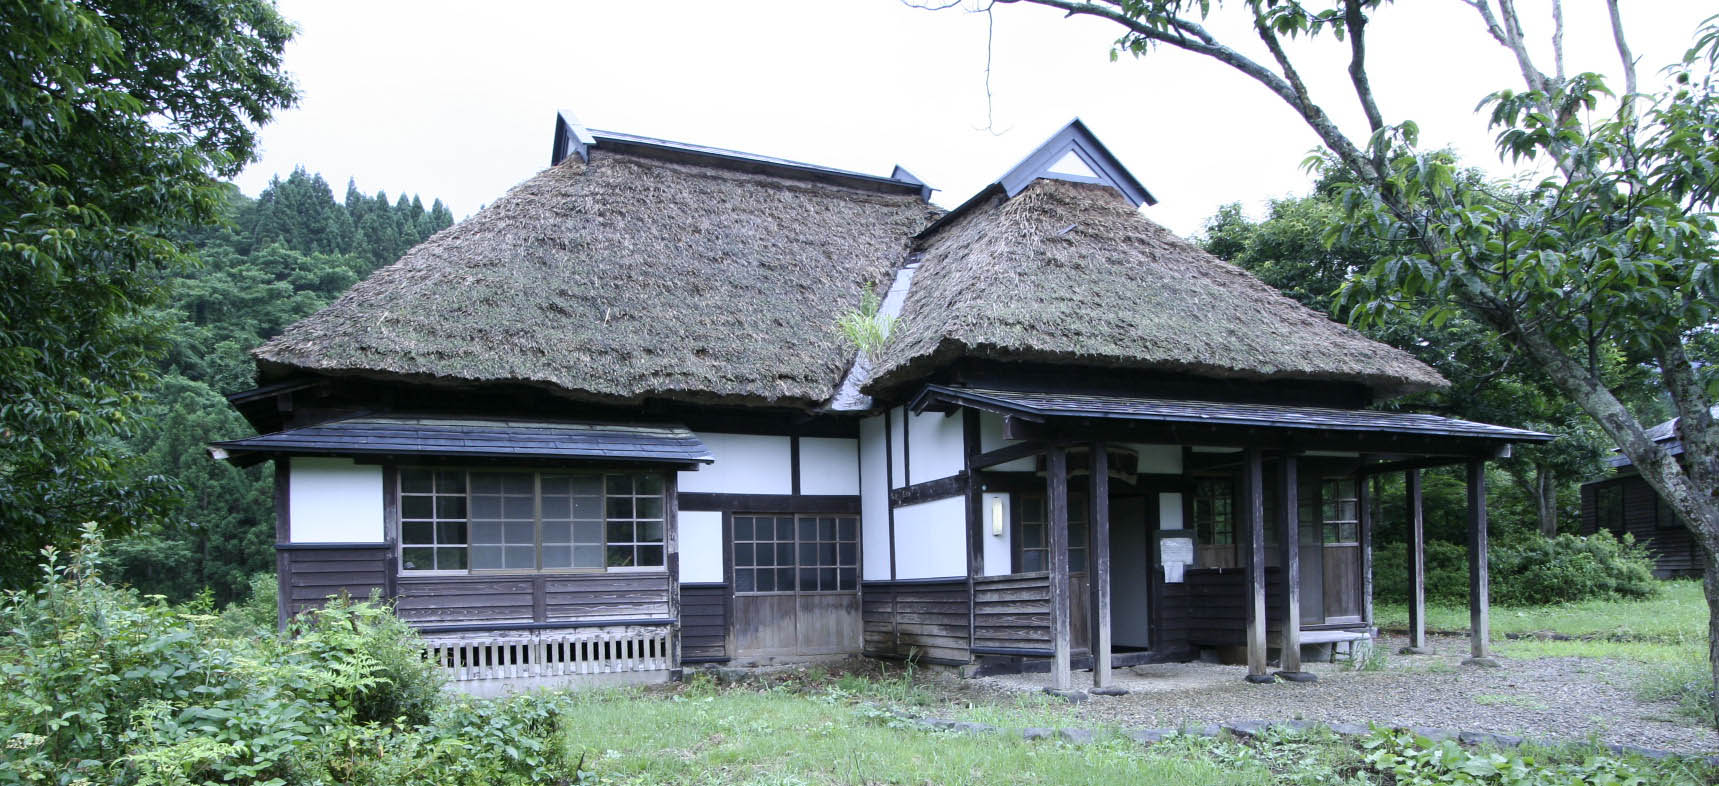 「木響」古民家探訪07:盆城庵_e0054299_15532974.jpg